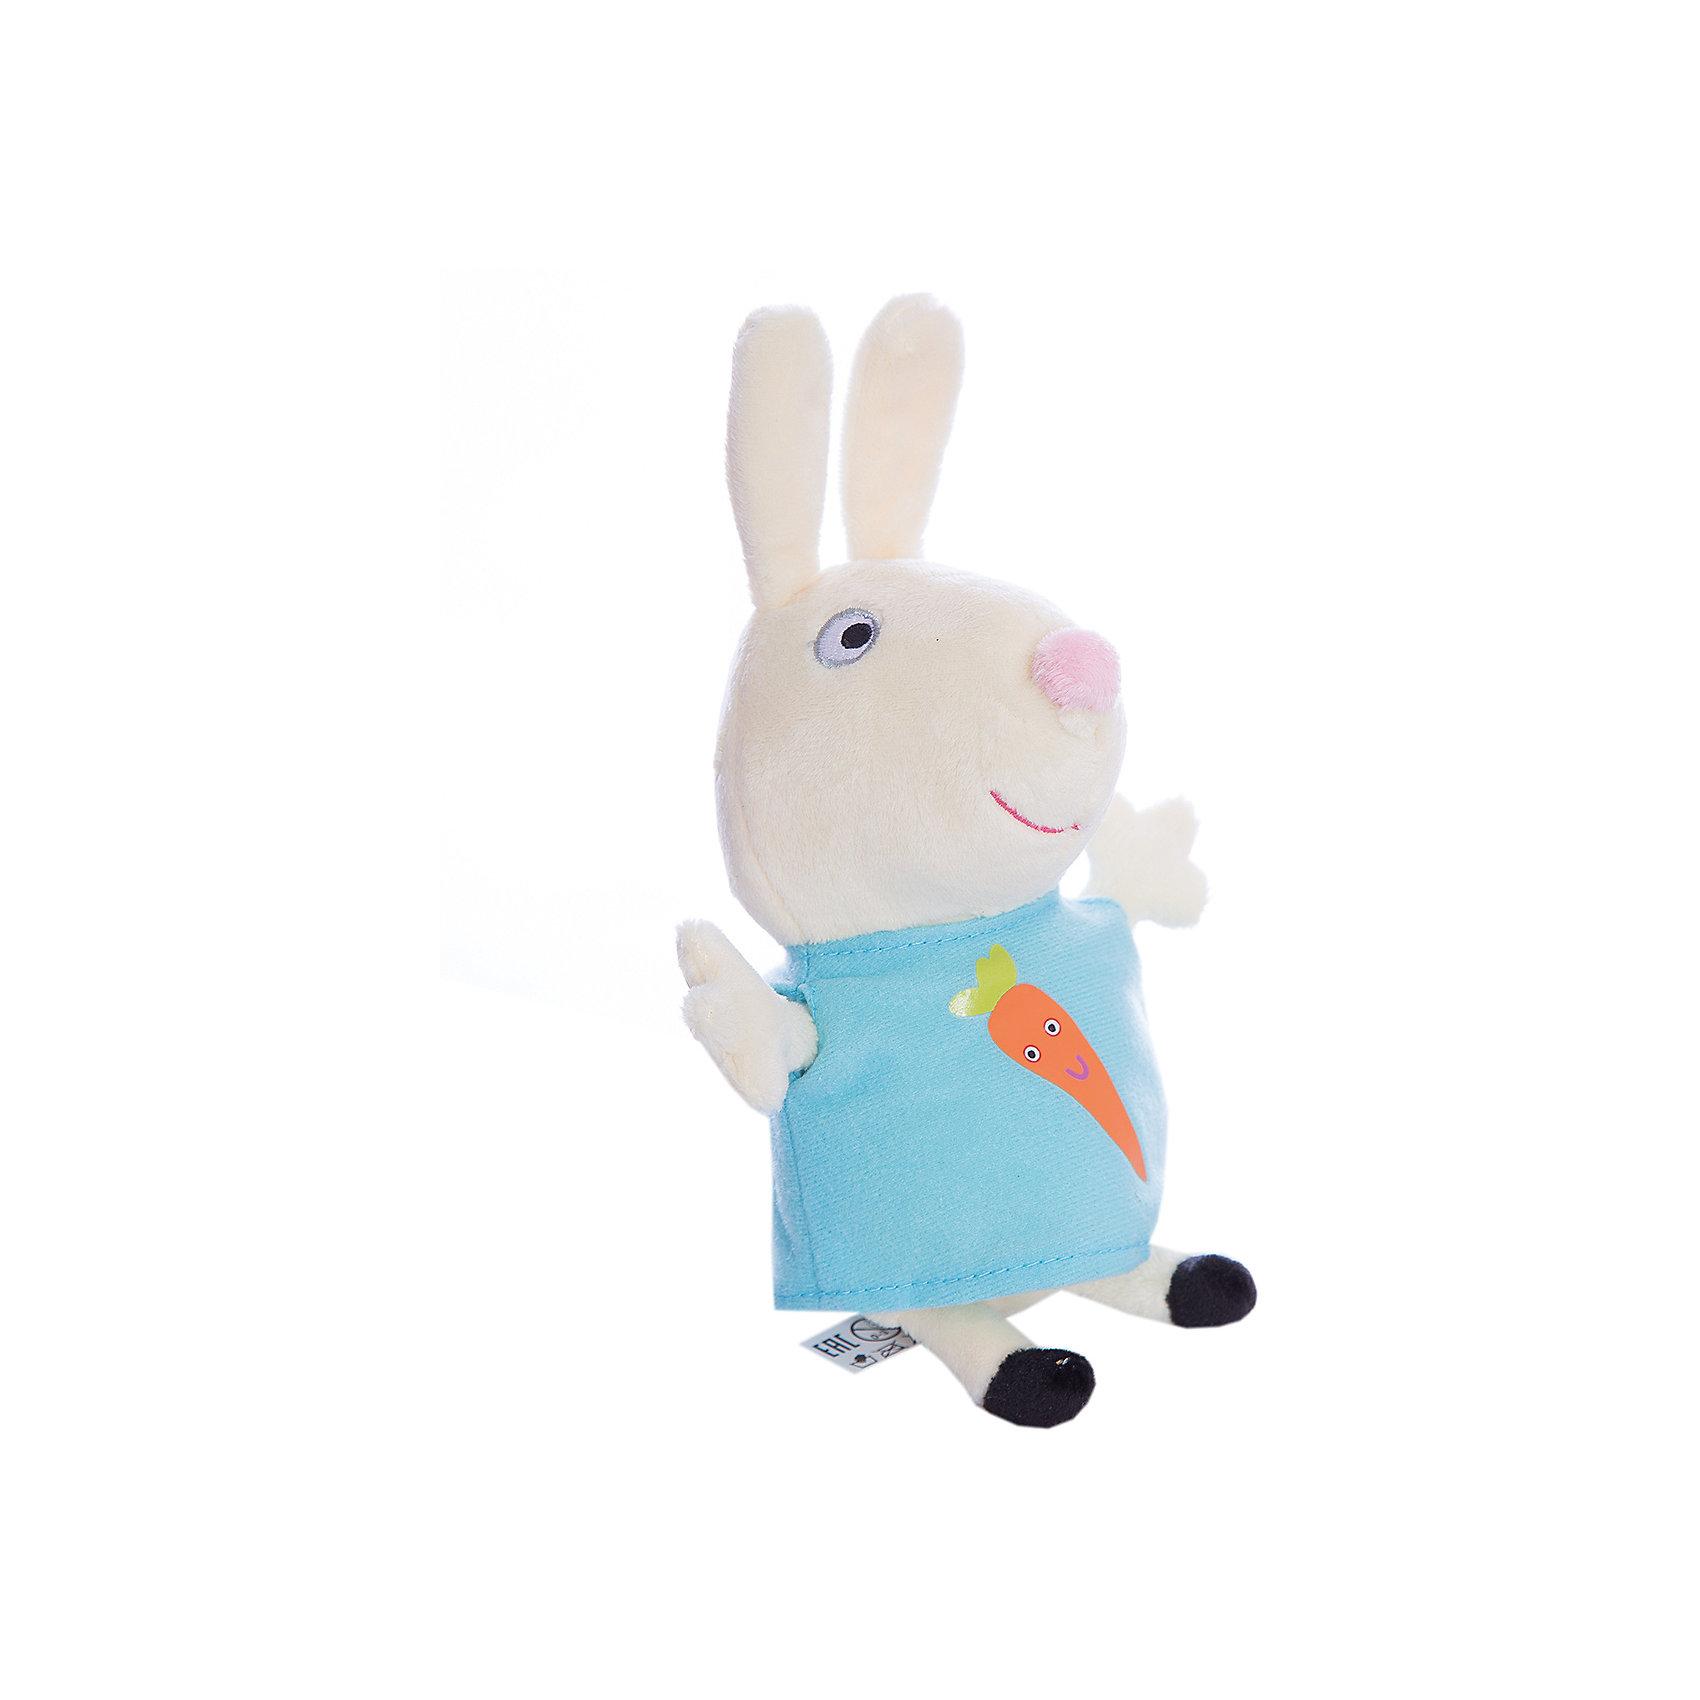 Мягкая игрушка Ребекка с морковью, 20см, Свинка ПеппаЛюбимые герои<br>Ваш малыш любит мультфильм «Свинка Пеппа»? Тогда он обязательно оценит игрушку в виде Кролика Ребекки, с которой можно весело играть, развивая навыки общения и воображение. А если приобрести других персонажей из серии «Peppa Pig», то все игры станут во много раз увлекательнее. <br>С любимой игрушкой малютка будет делиться своими маленькими секретиками и безмятежно спать ночью – ведь в обнимку с плюшевым другом сон гораздо слаще!<br><br>Дополнительная информация:<br><br>Мягкая игрушка «Кролик Ребекка» имеет высоту 20 см (размер указан с ножками) и очень приятна на ощупь, так как изготовлена из нежной велюровой ткани и плотно набита. Глазки, носик и ротик Ребекки выполнены в виде плотной вышивки, а на ее платьице красуется яркая аппликация в виде морковки.<br><br>Мягкую игрушку Ребекка с морков, 20см, Свинка Пеппа (Peppa Pig) можно купить в нашем магазине.<br><br>Ширина мм: 110<br>Глубина мм: 80<br>Высота мм: 200<br>Вес г: 56<br>Возраст от месяцев: 36<br>Возраст до месяцев: 72<br>Пол: Унисекс<br>Возраст: Детский<br>SKU: 4545611